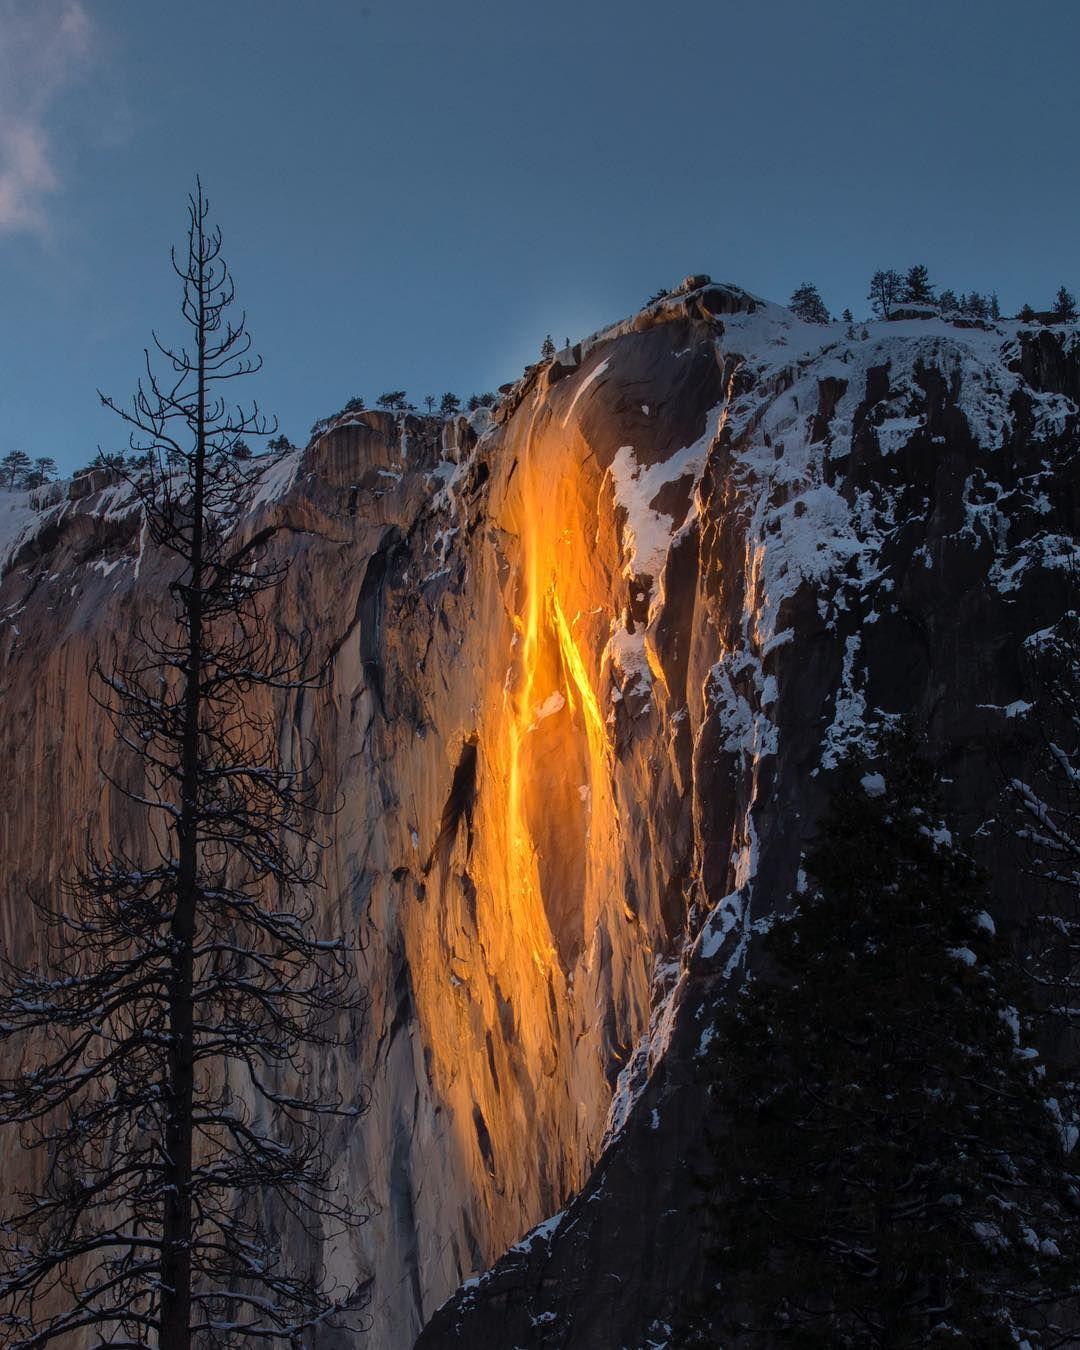 Posetiteli Josemitskogo Nacionalnogo Parka V Amerikanskoj Kalifornii Smogli Uvidet Nastoyashee Chudo Ognennyj Vodop Waterfall Pretty Landscapes National Parks